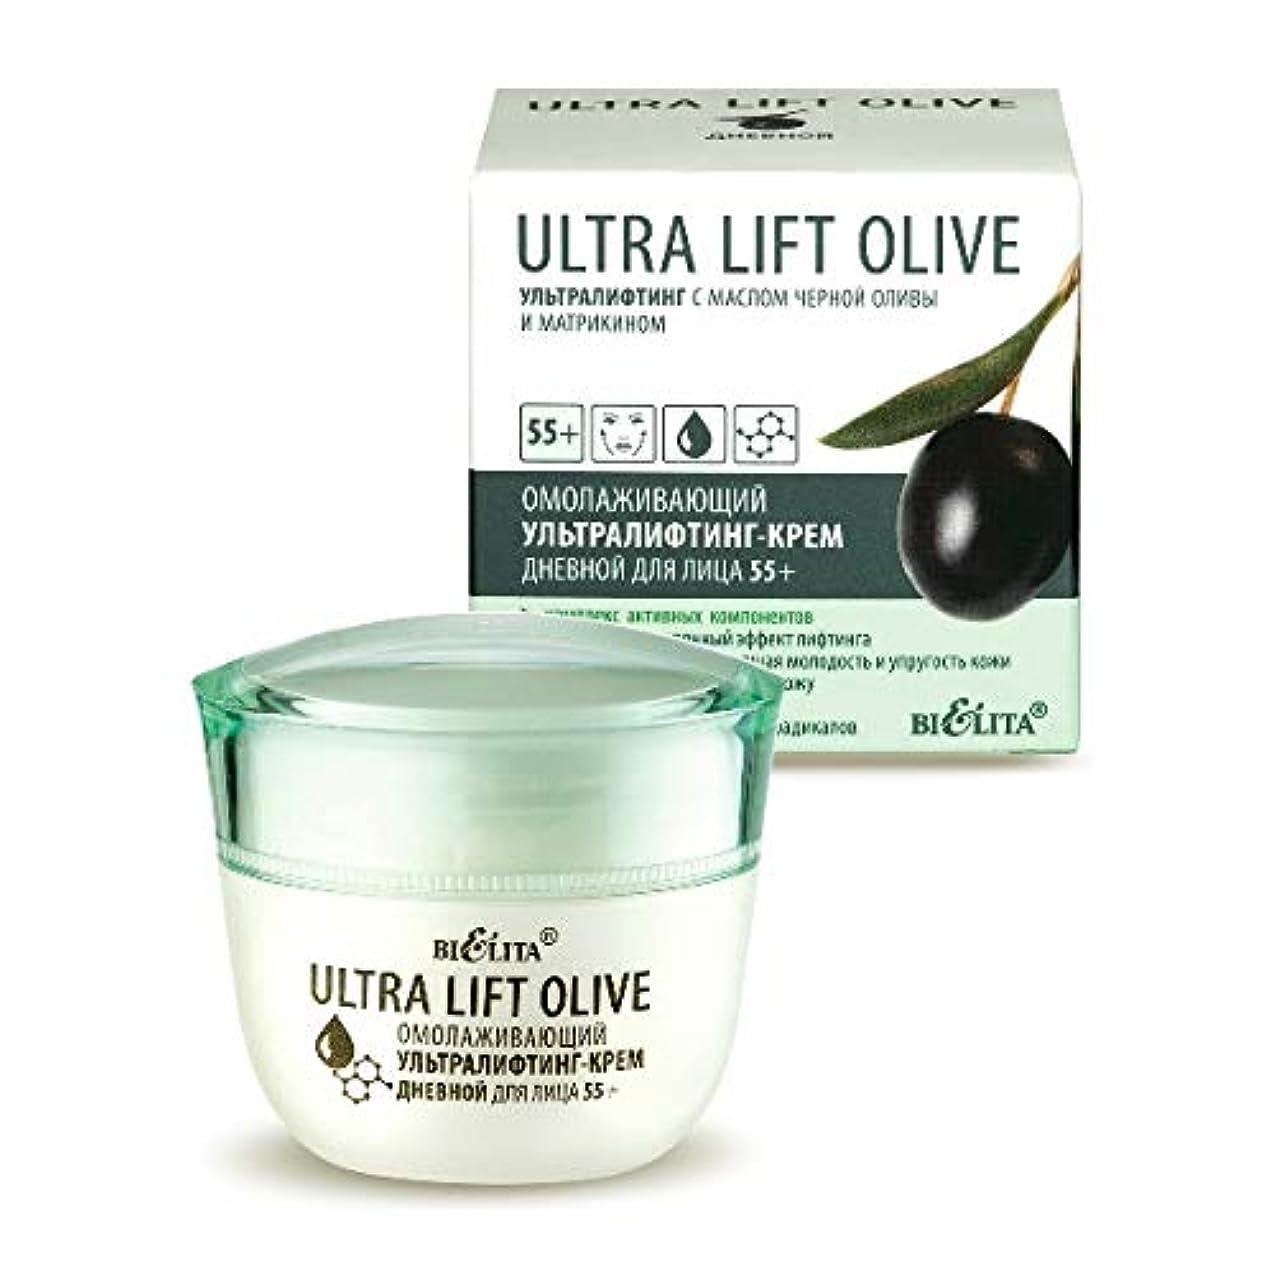 却下するバッグ本部Bielita & Vitex   Ultra lift olive   Face Lift Cream daytime ultralighting-face cream 55+   reduces wrinkles and...